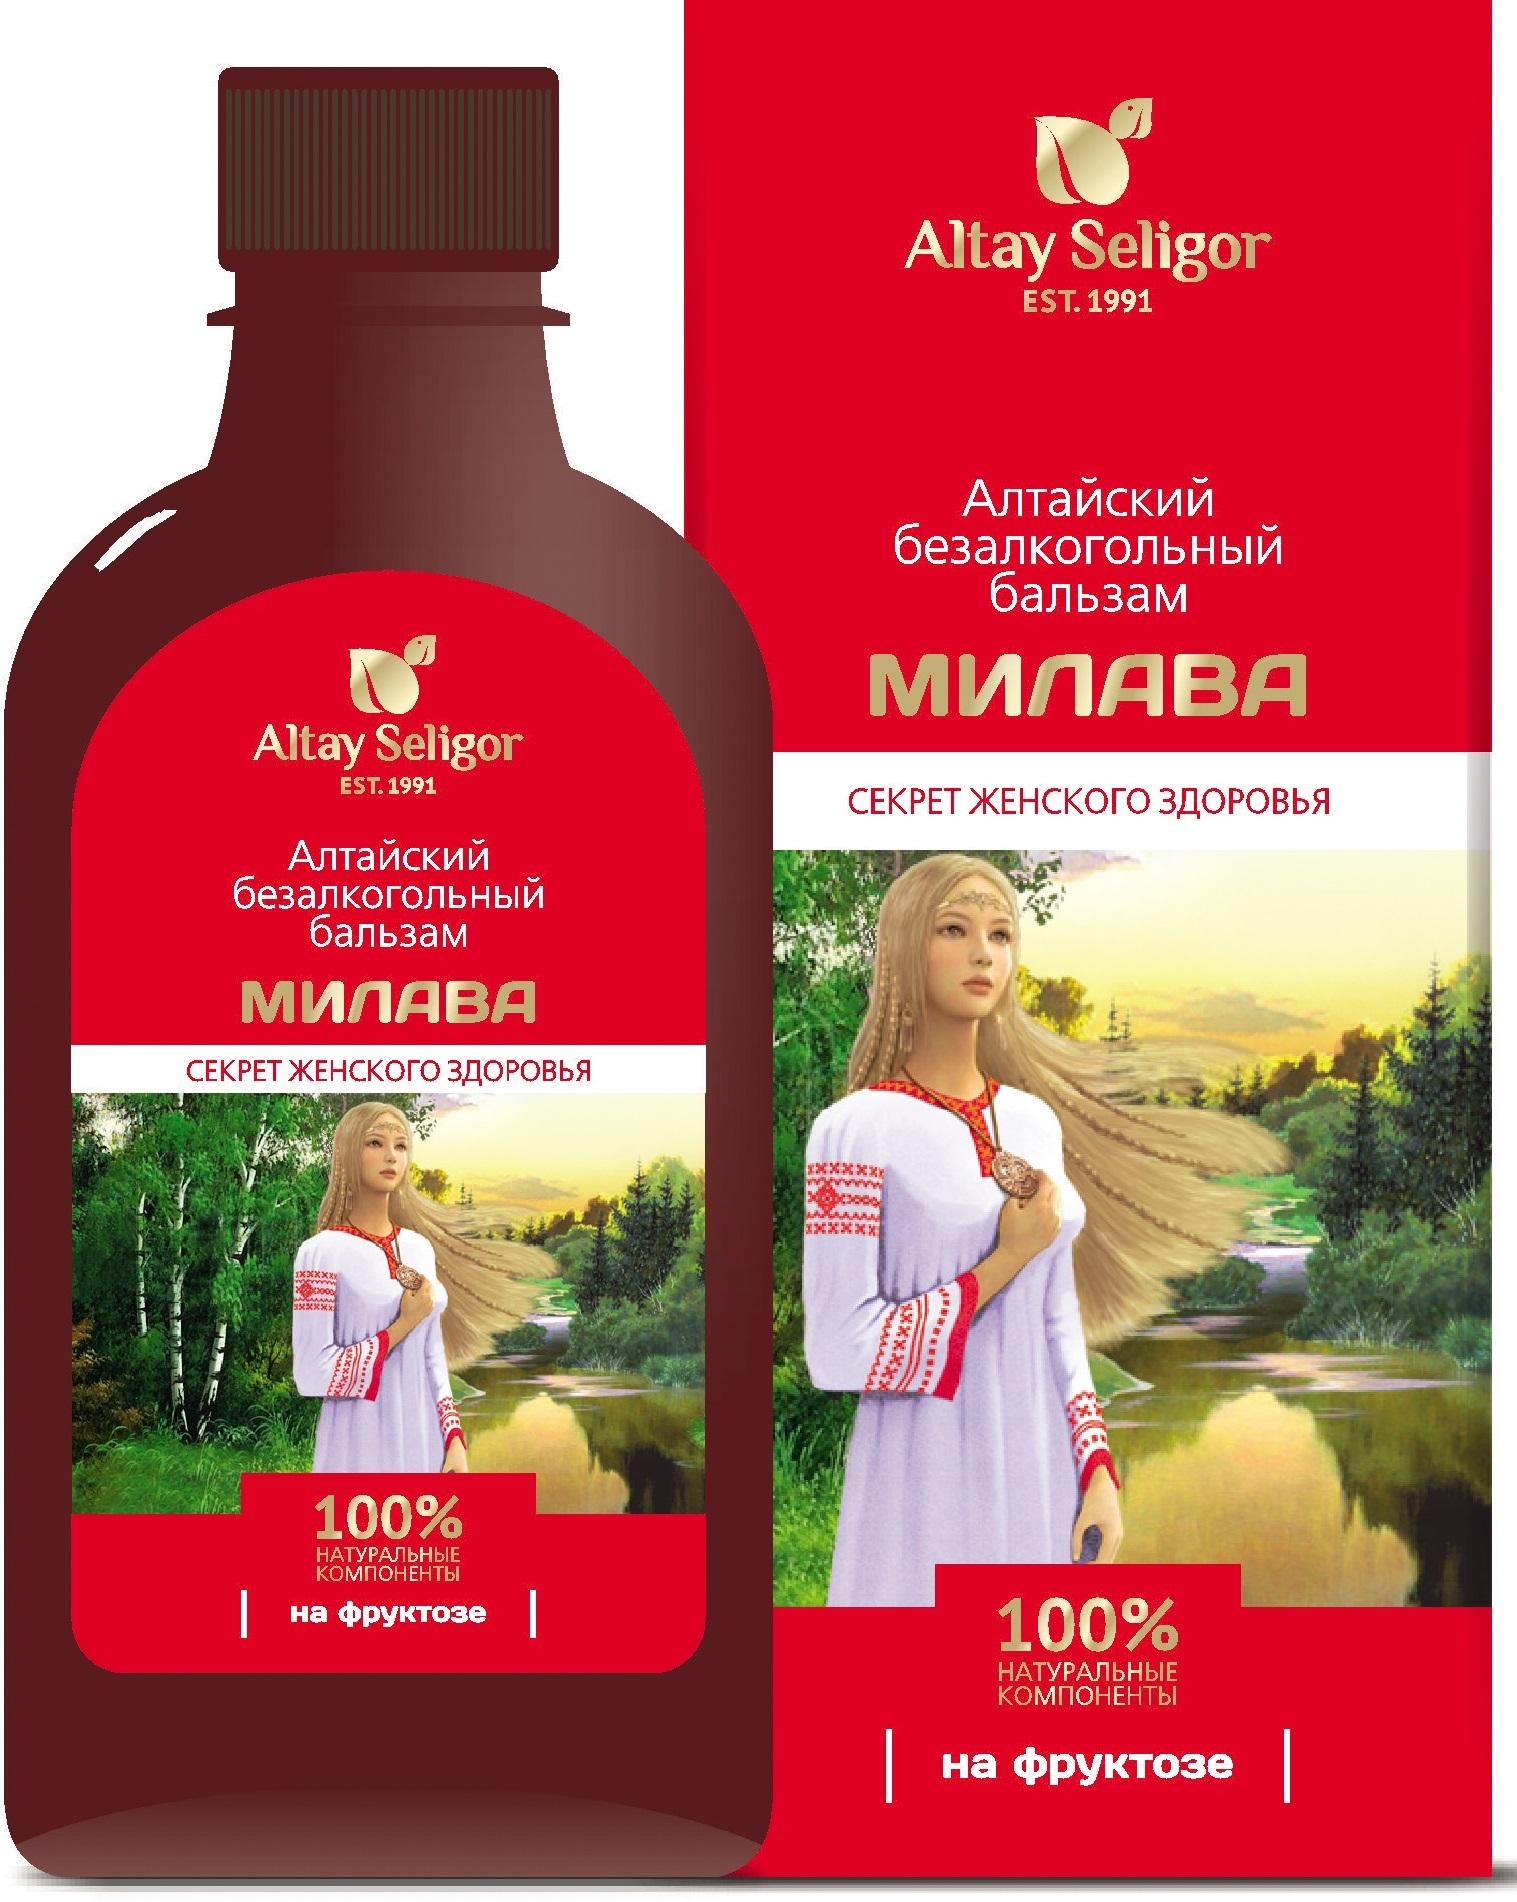 Алтайский бальзам на фруктозе Милава фото1